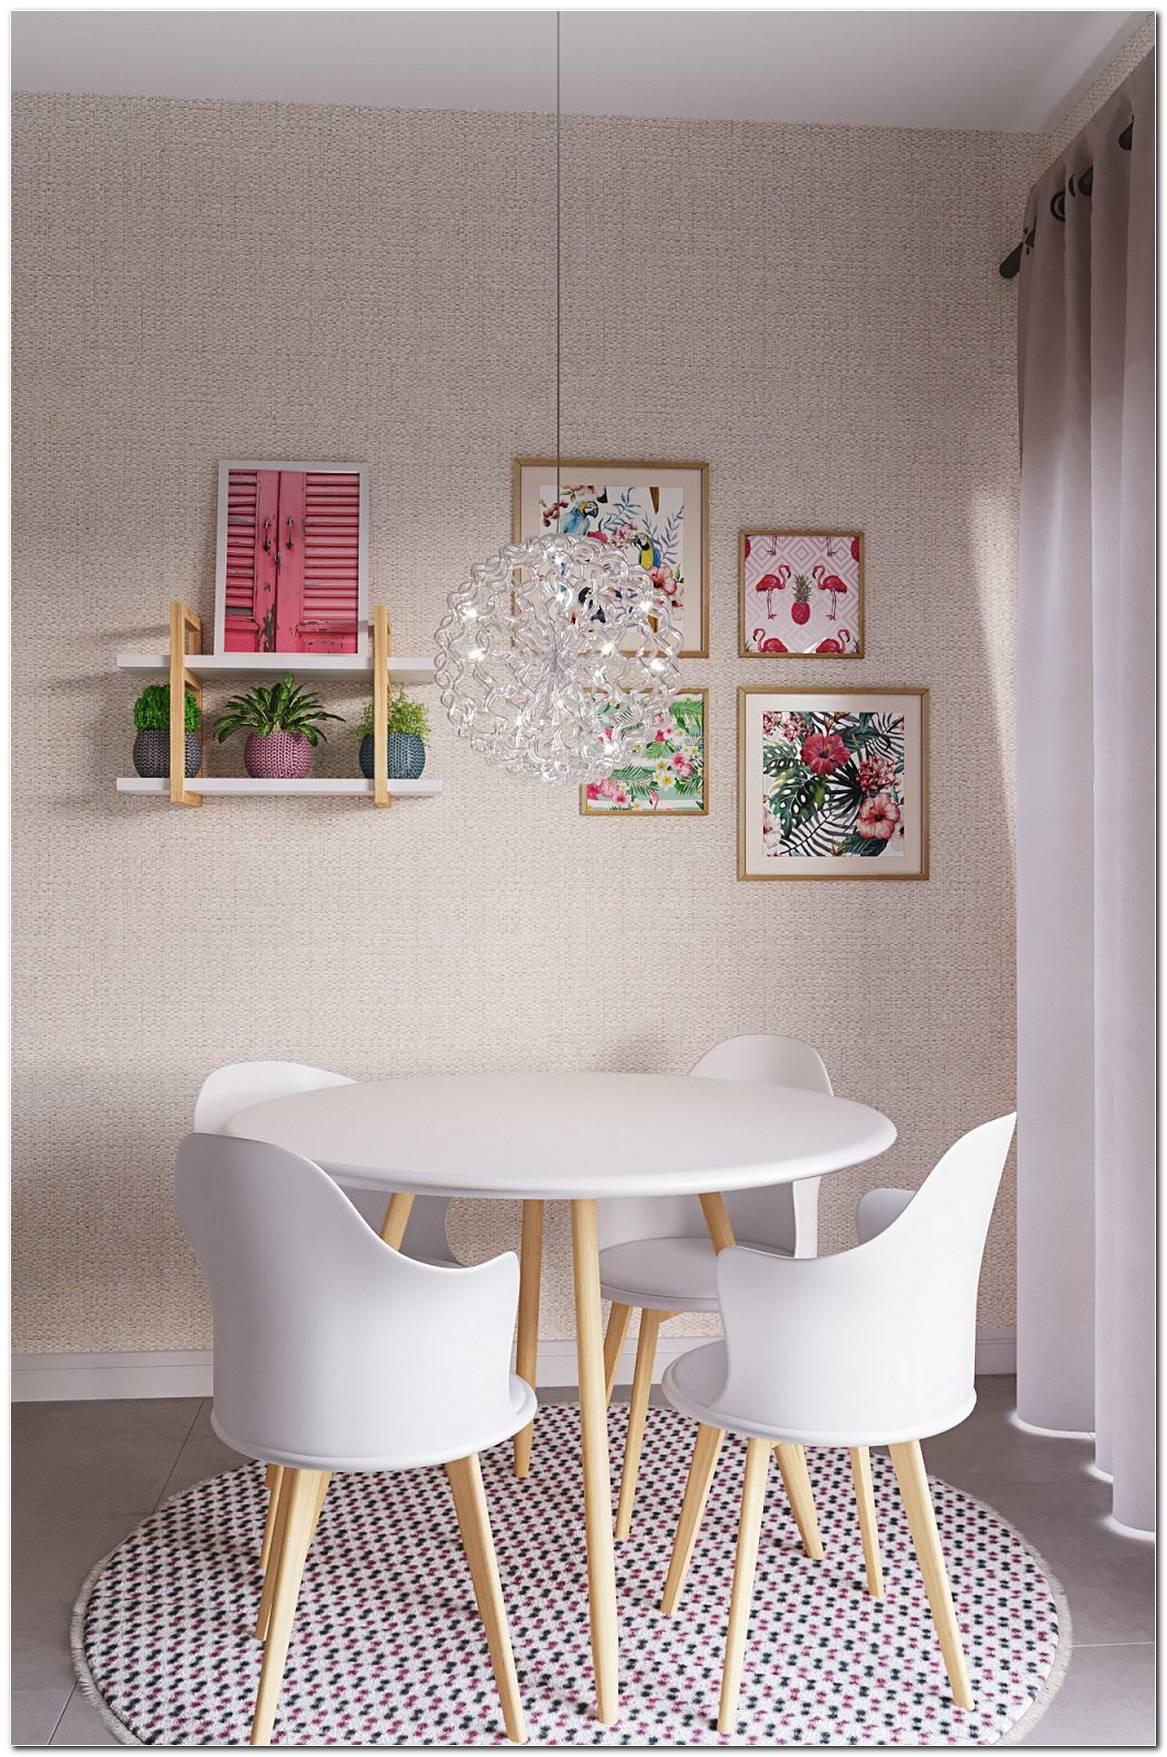 Fotos Sala Jantar Pequena